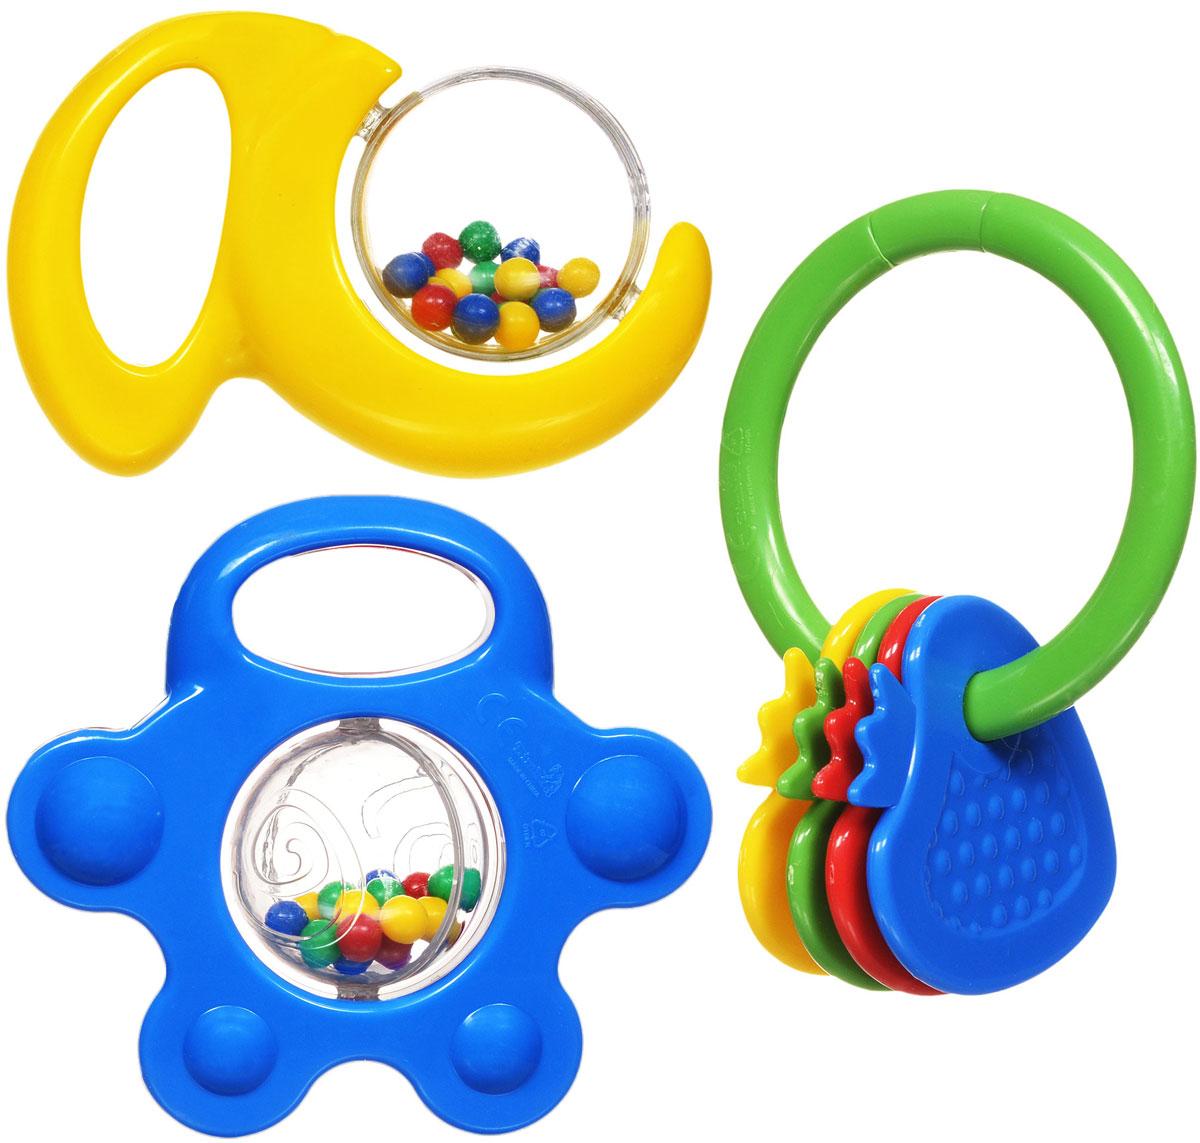 Simba Набор погремушек 3 шт набор игрушек погремушек малышарики 10 шт